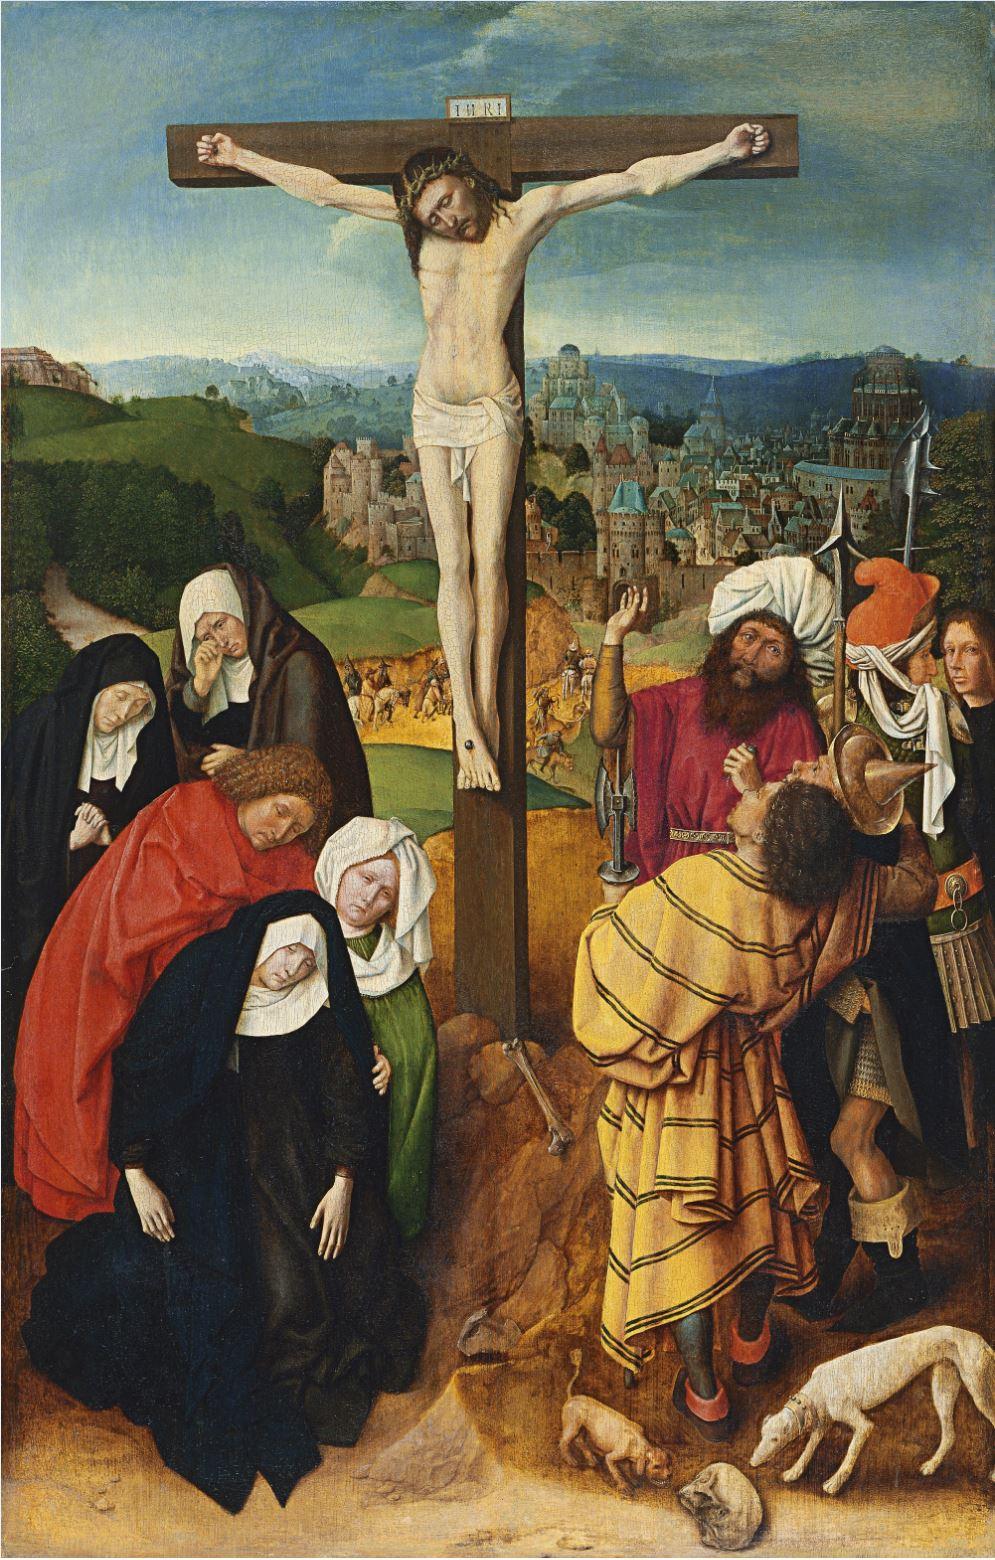 Gerard_David_Crucifixion 1475 ca Thyssen Bornemisza